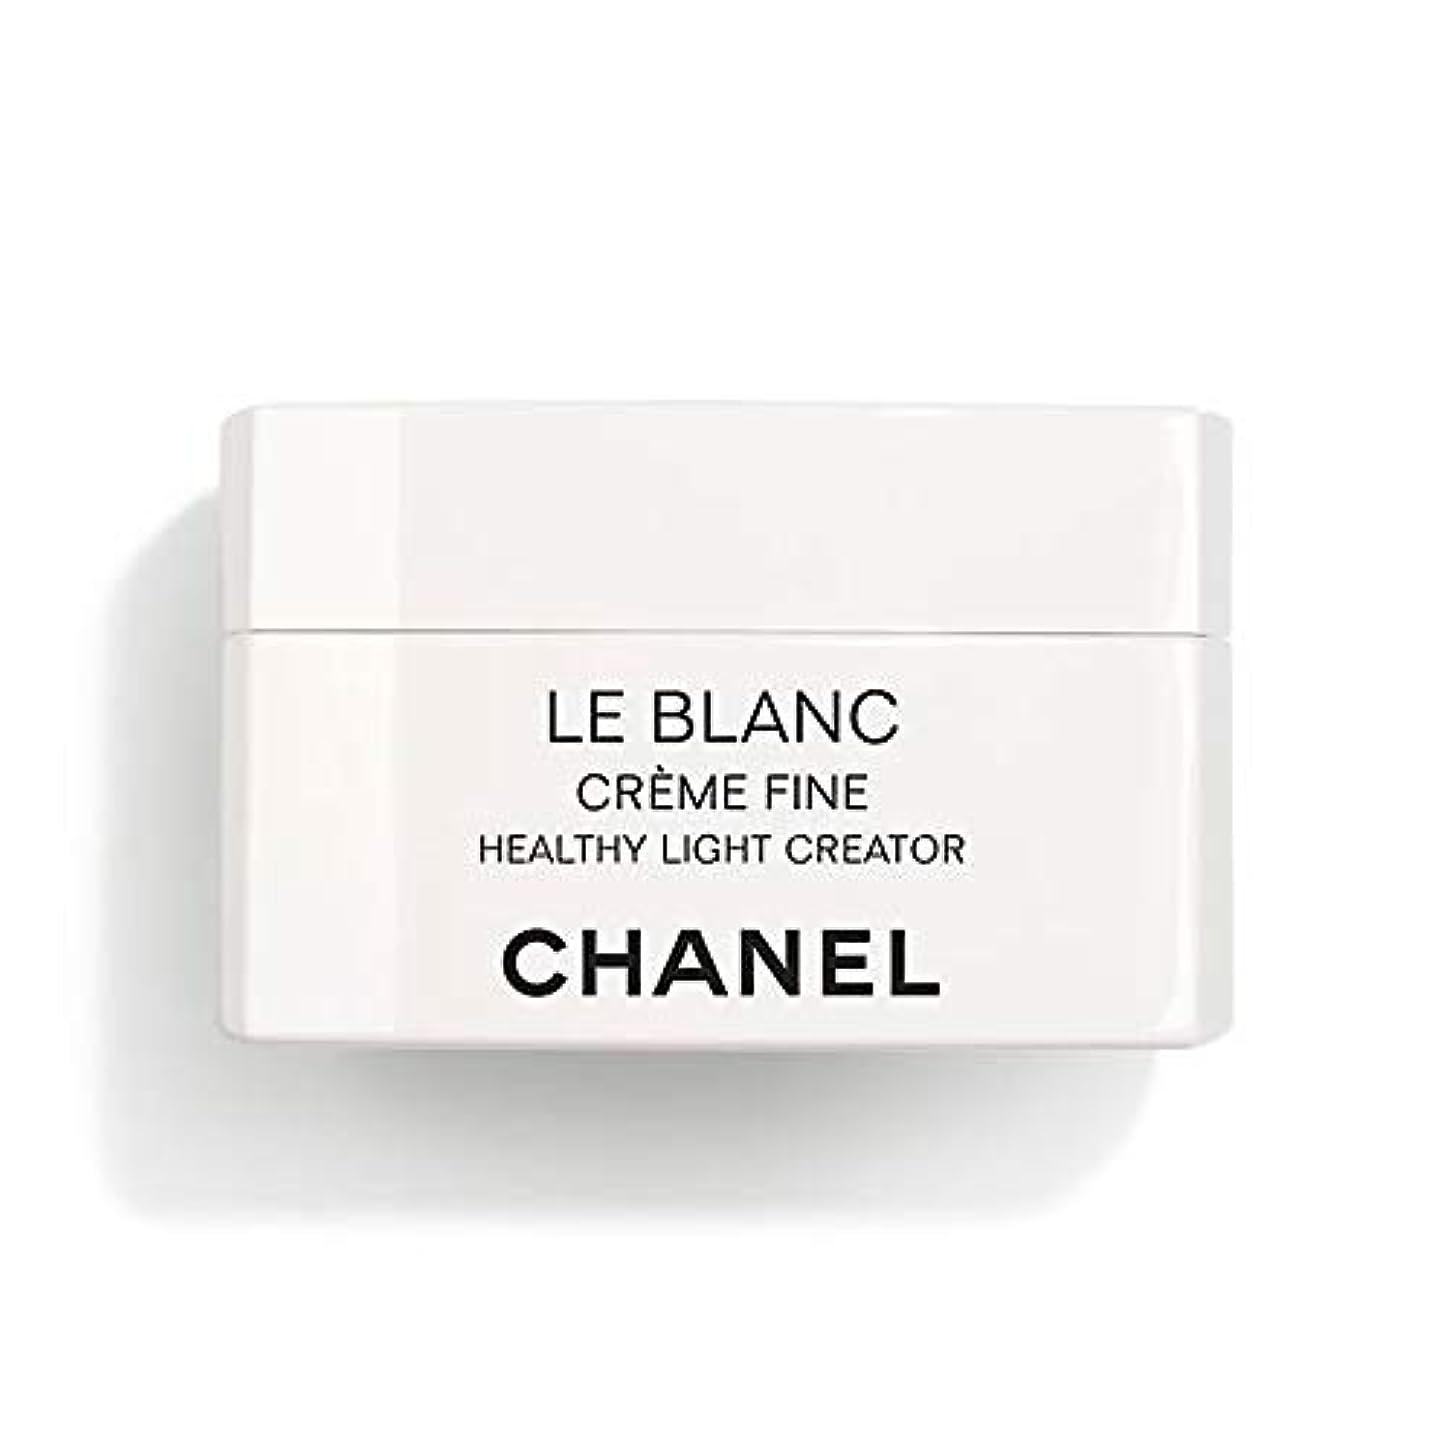 フラフープそう香ばしいCHANEL(シャネル) ル ブラン クリーム ファイン HL 50g [ フェイスクリーム ] [並行輸入品]